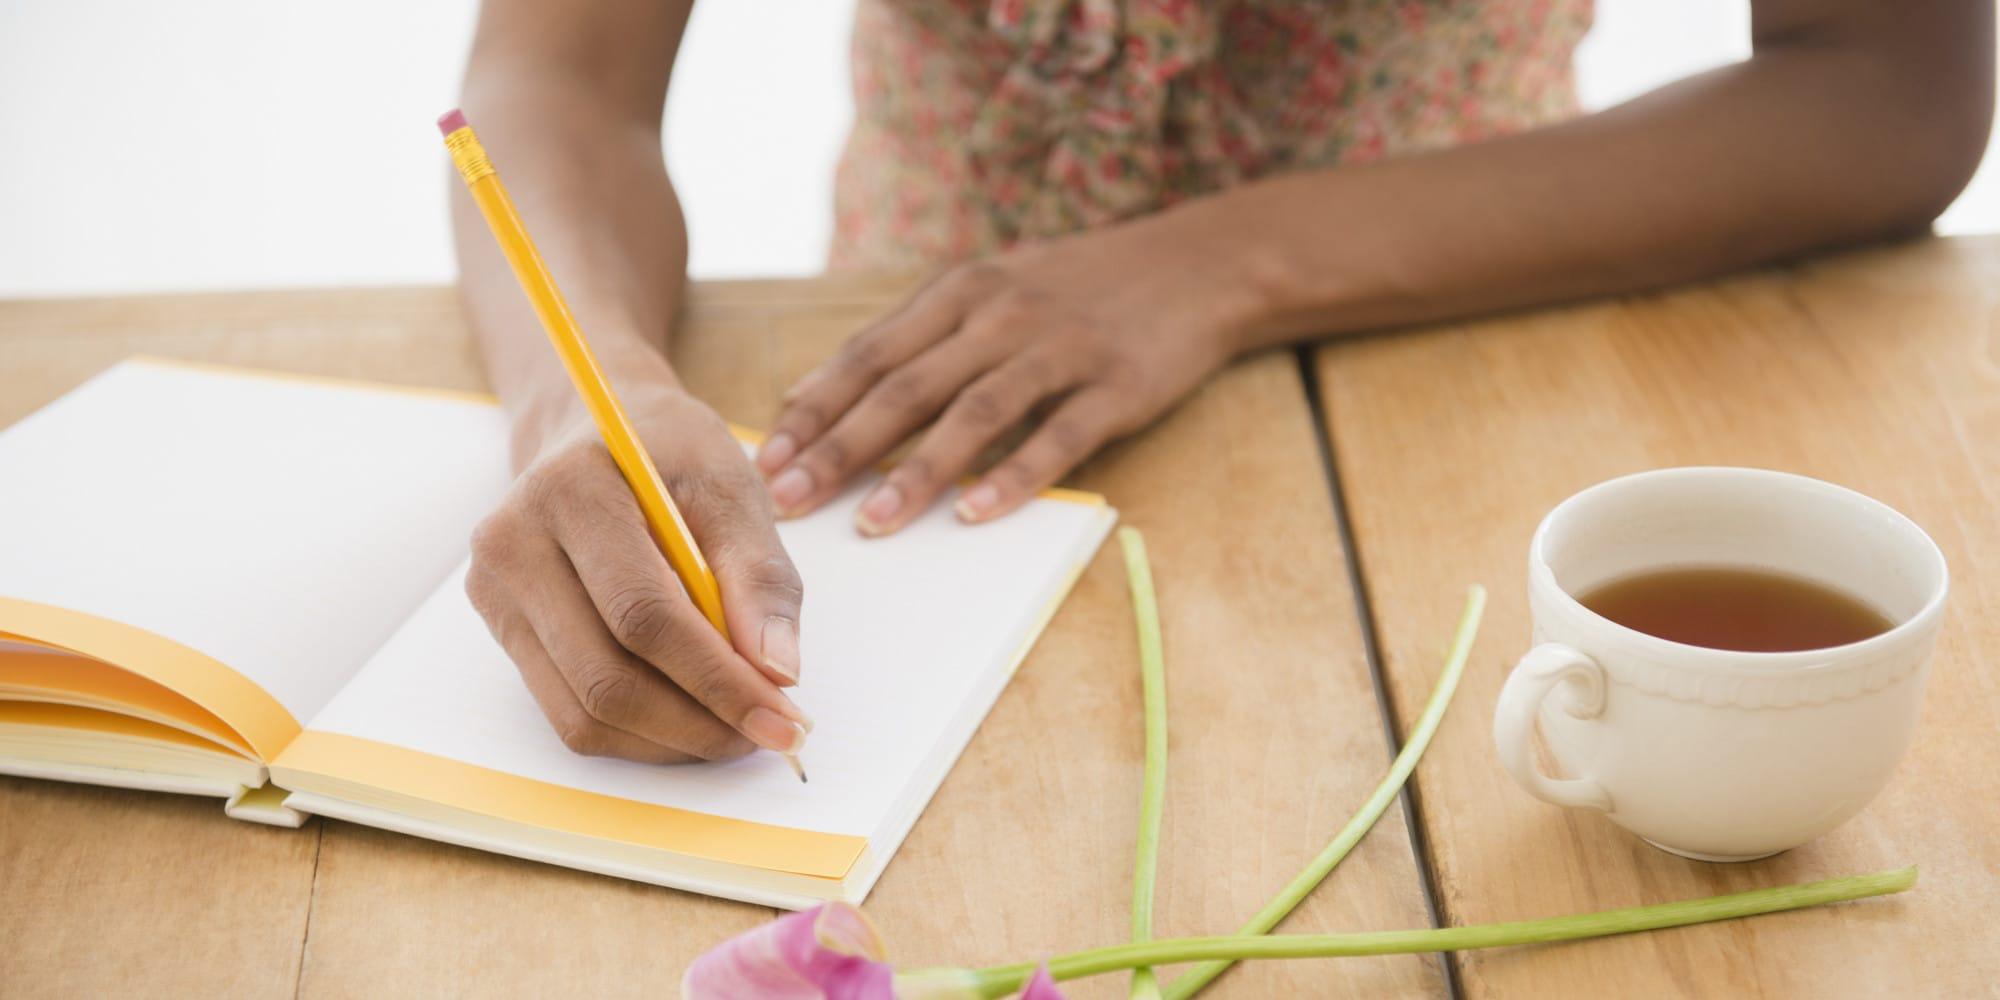 USA, New Jersey, Jersey City, Woman writing diary